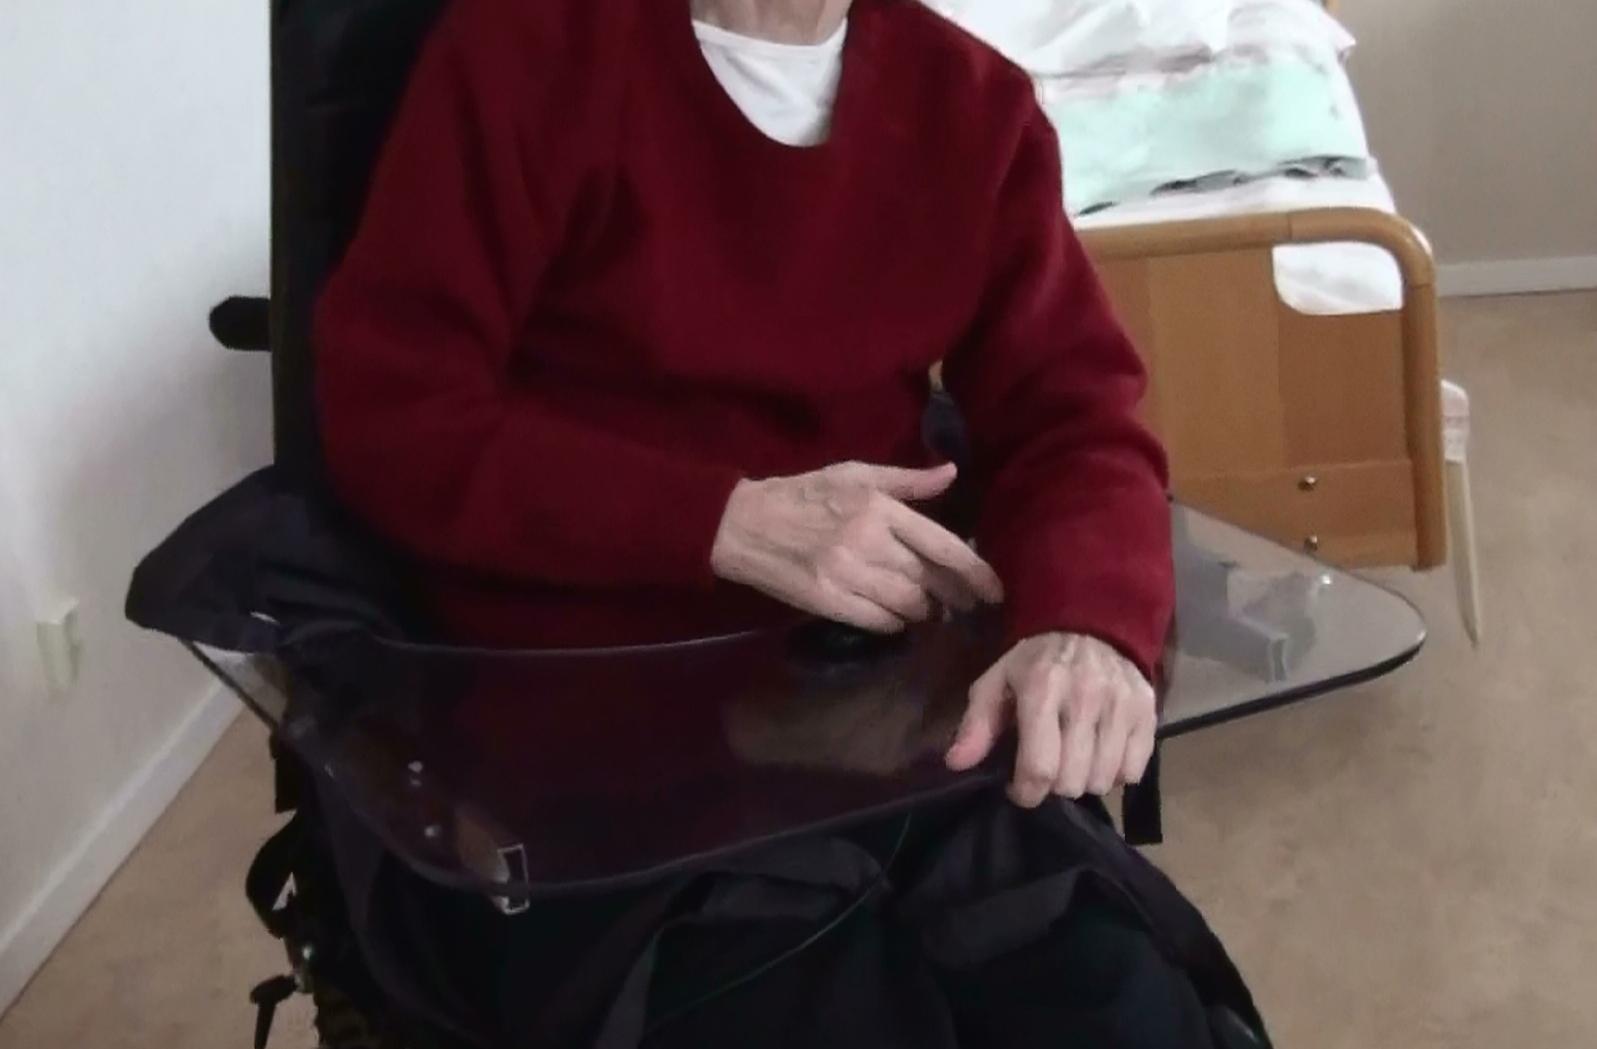 En äldre dam med demens övar i elrullstol. Foto: Lisbeth Nilsson